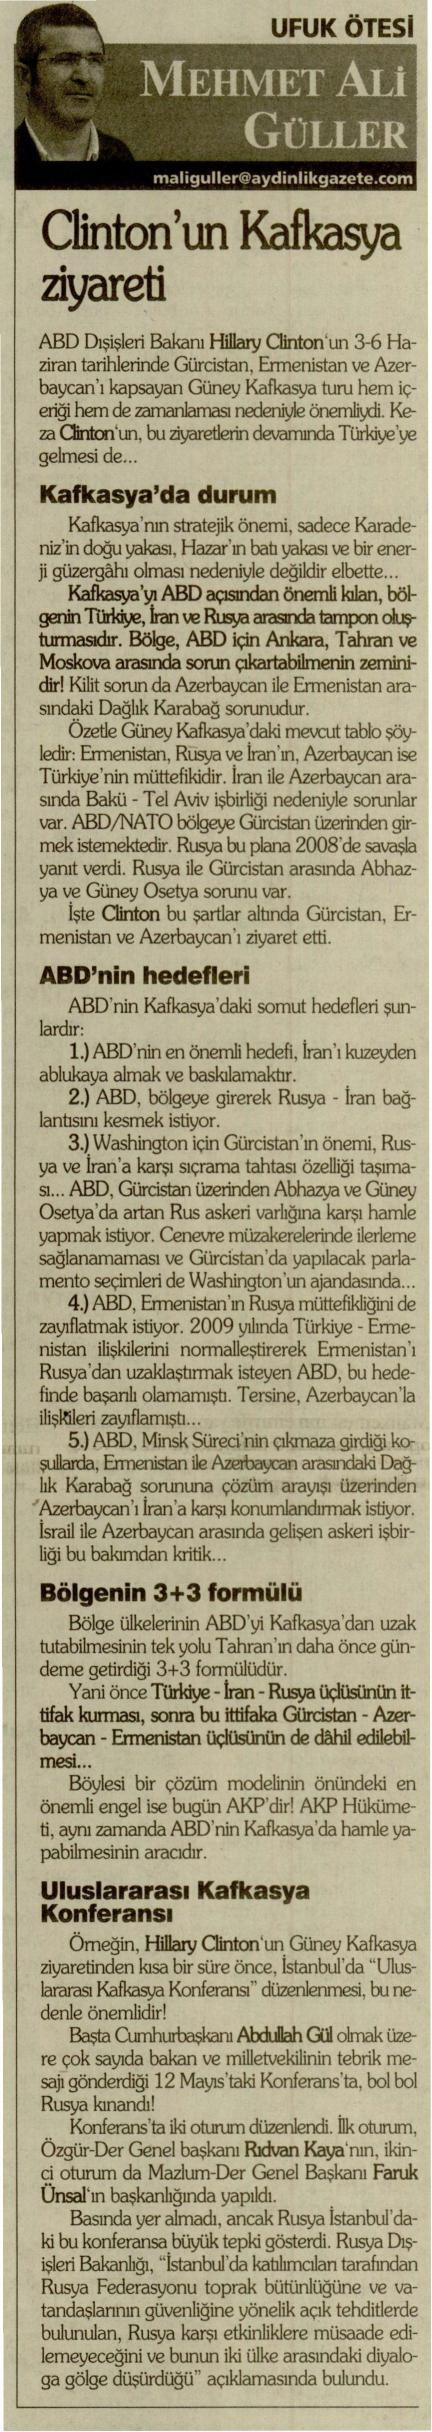 aydinlik+gazetesi_20120610_7.jpg